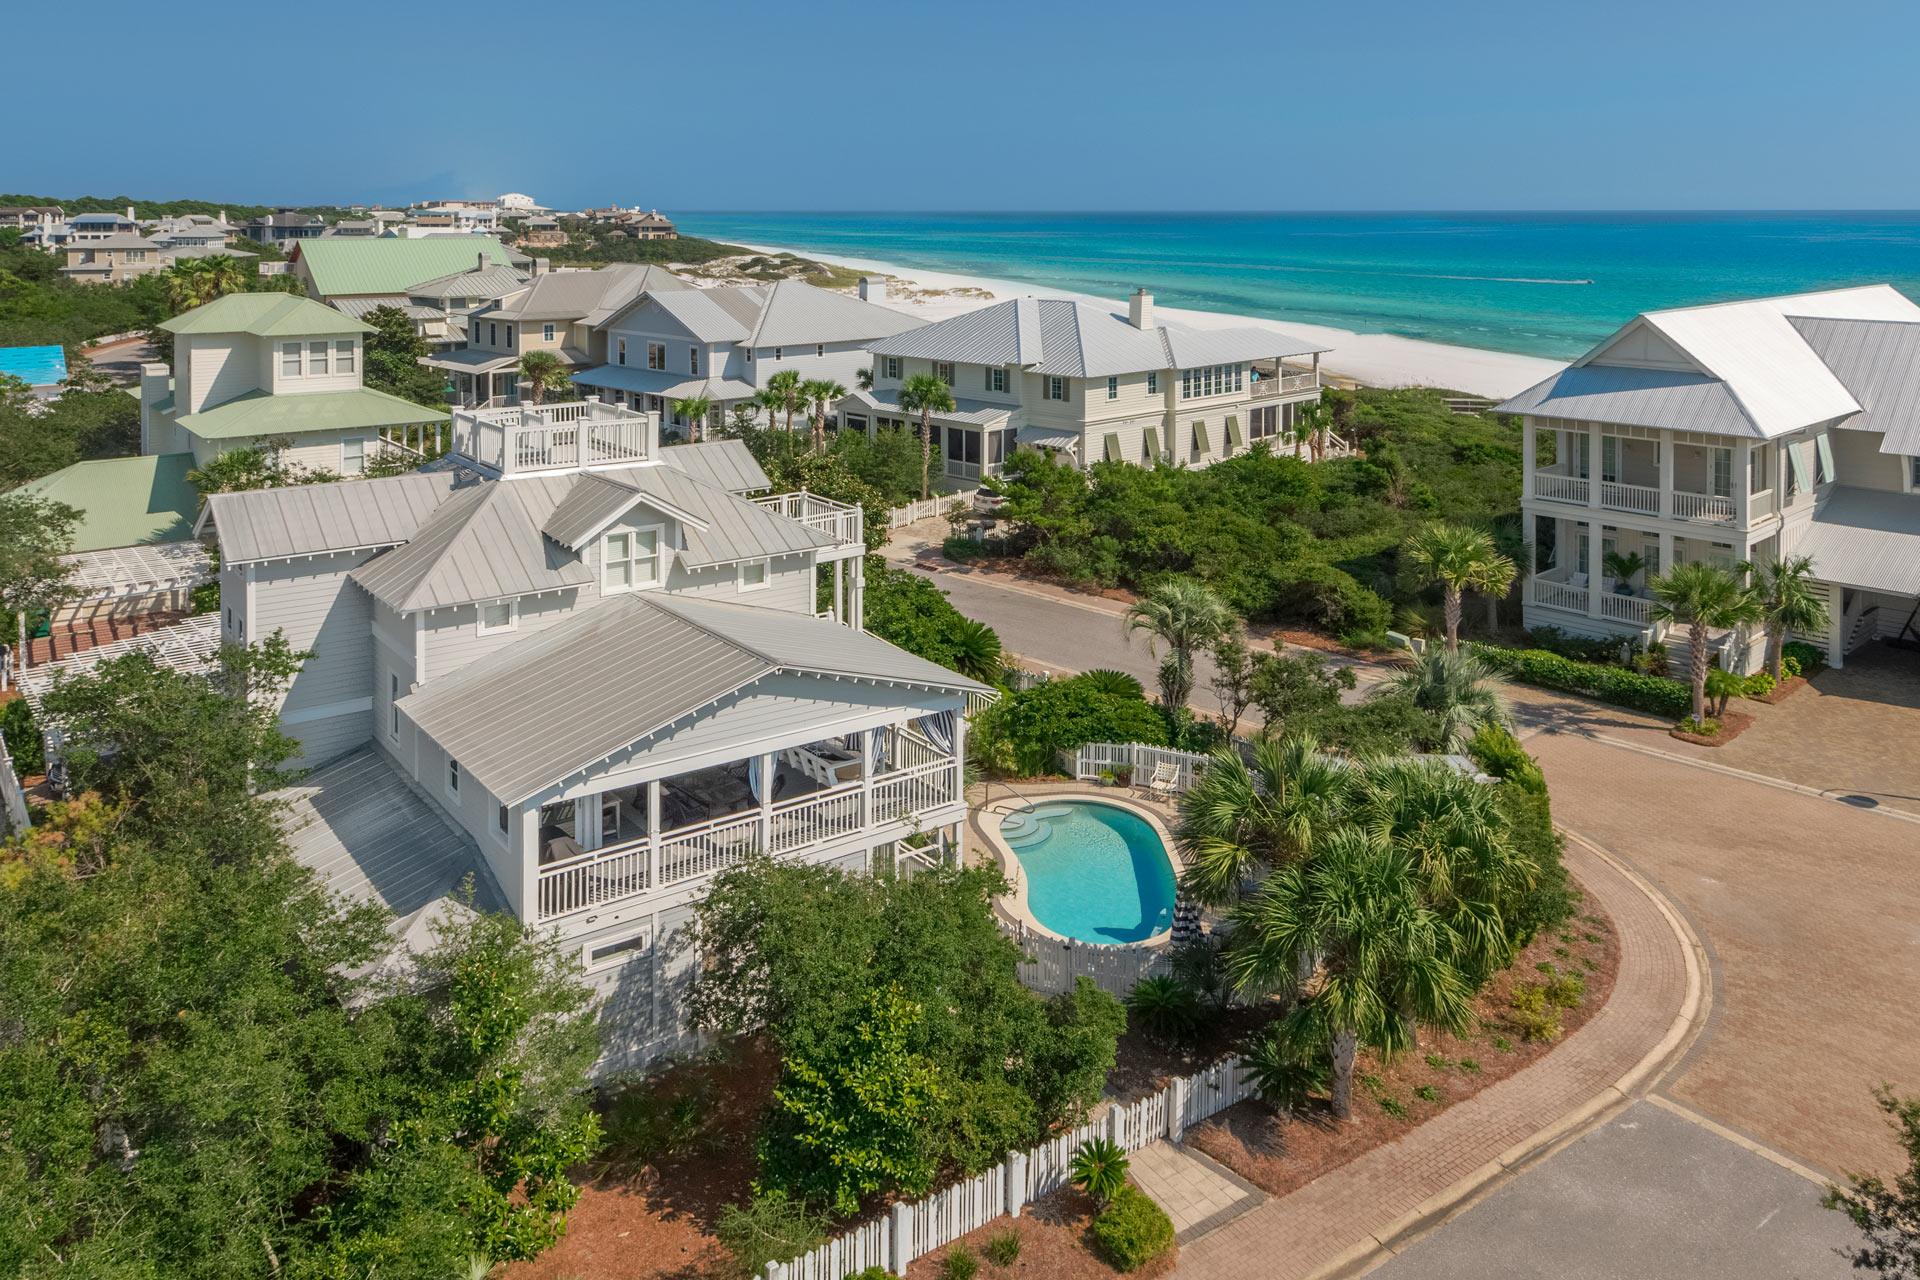 Mornign Star Old Florida Beach